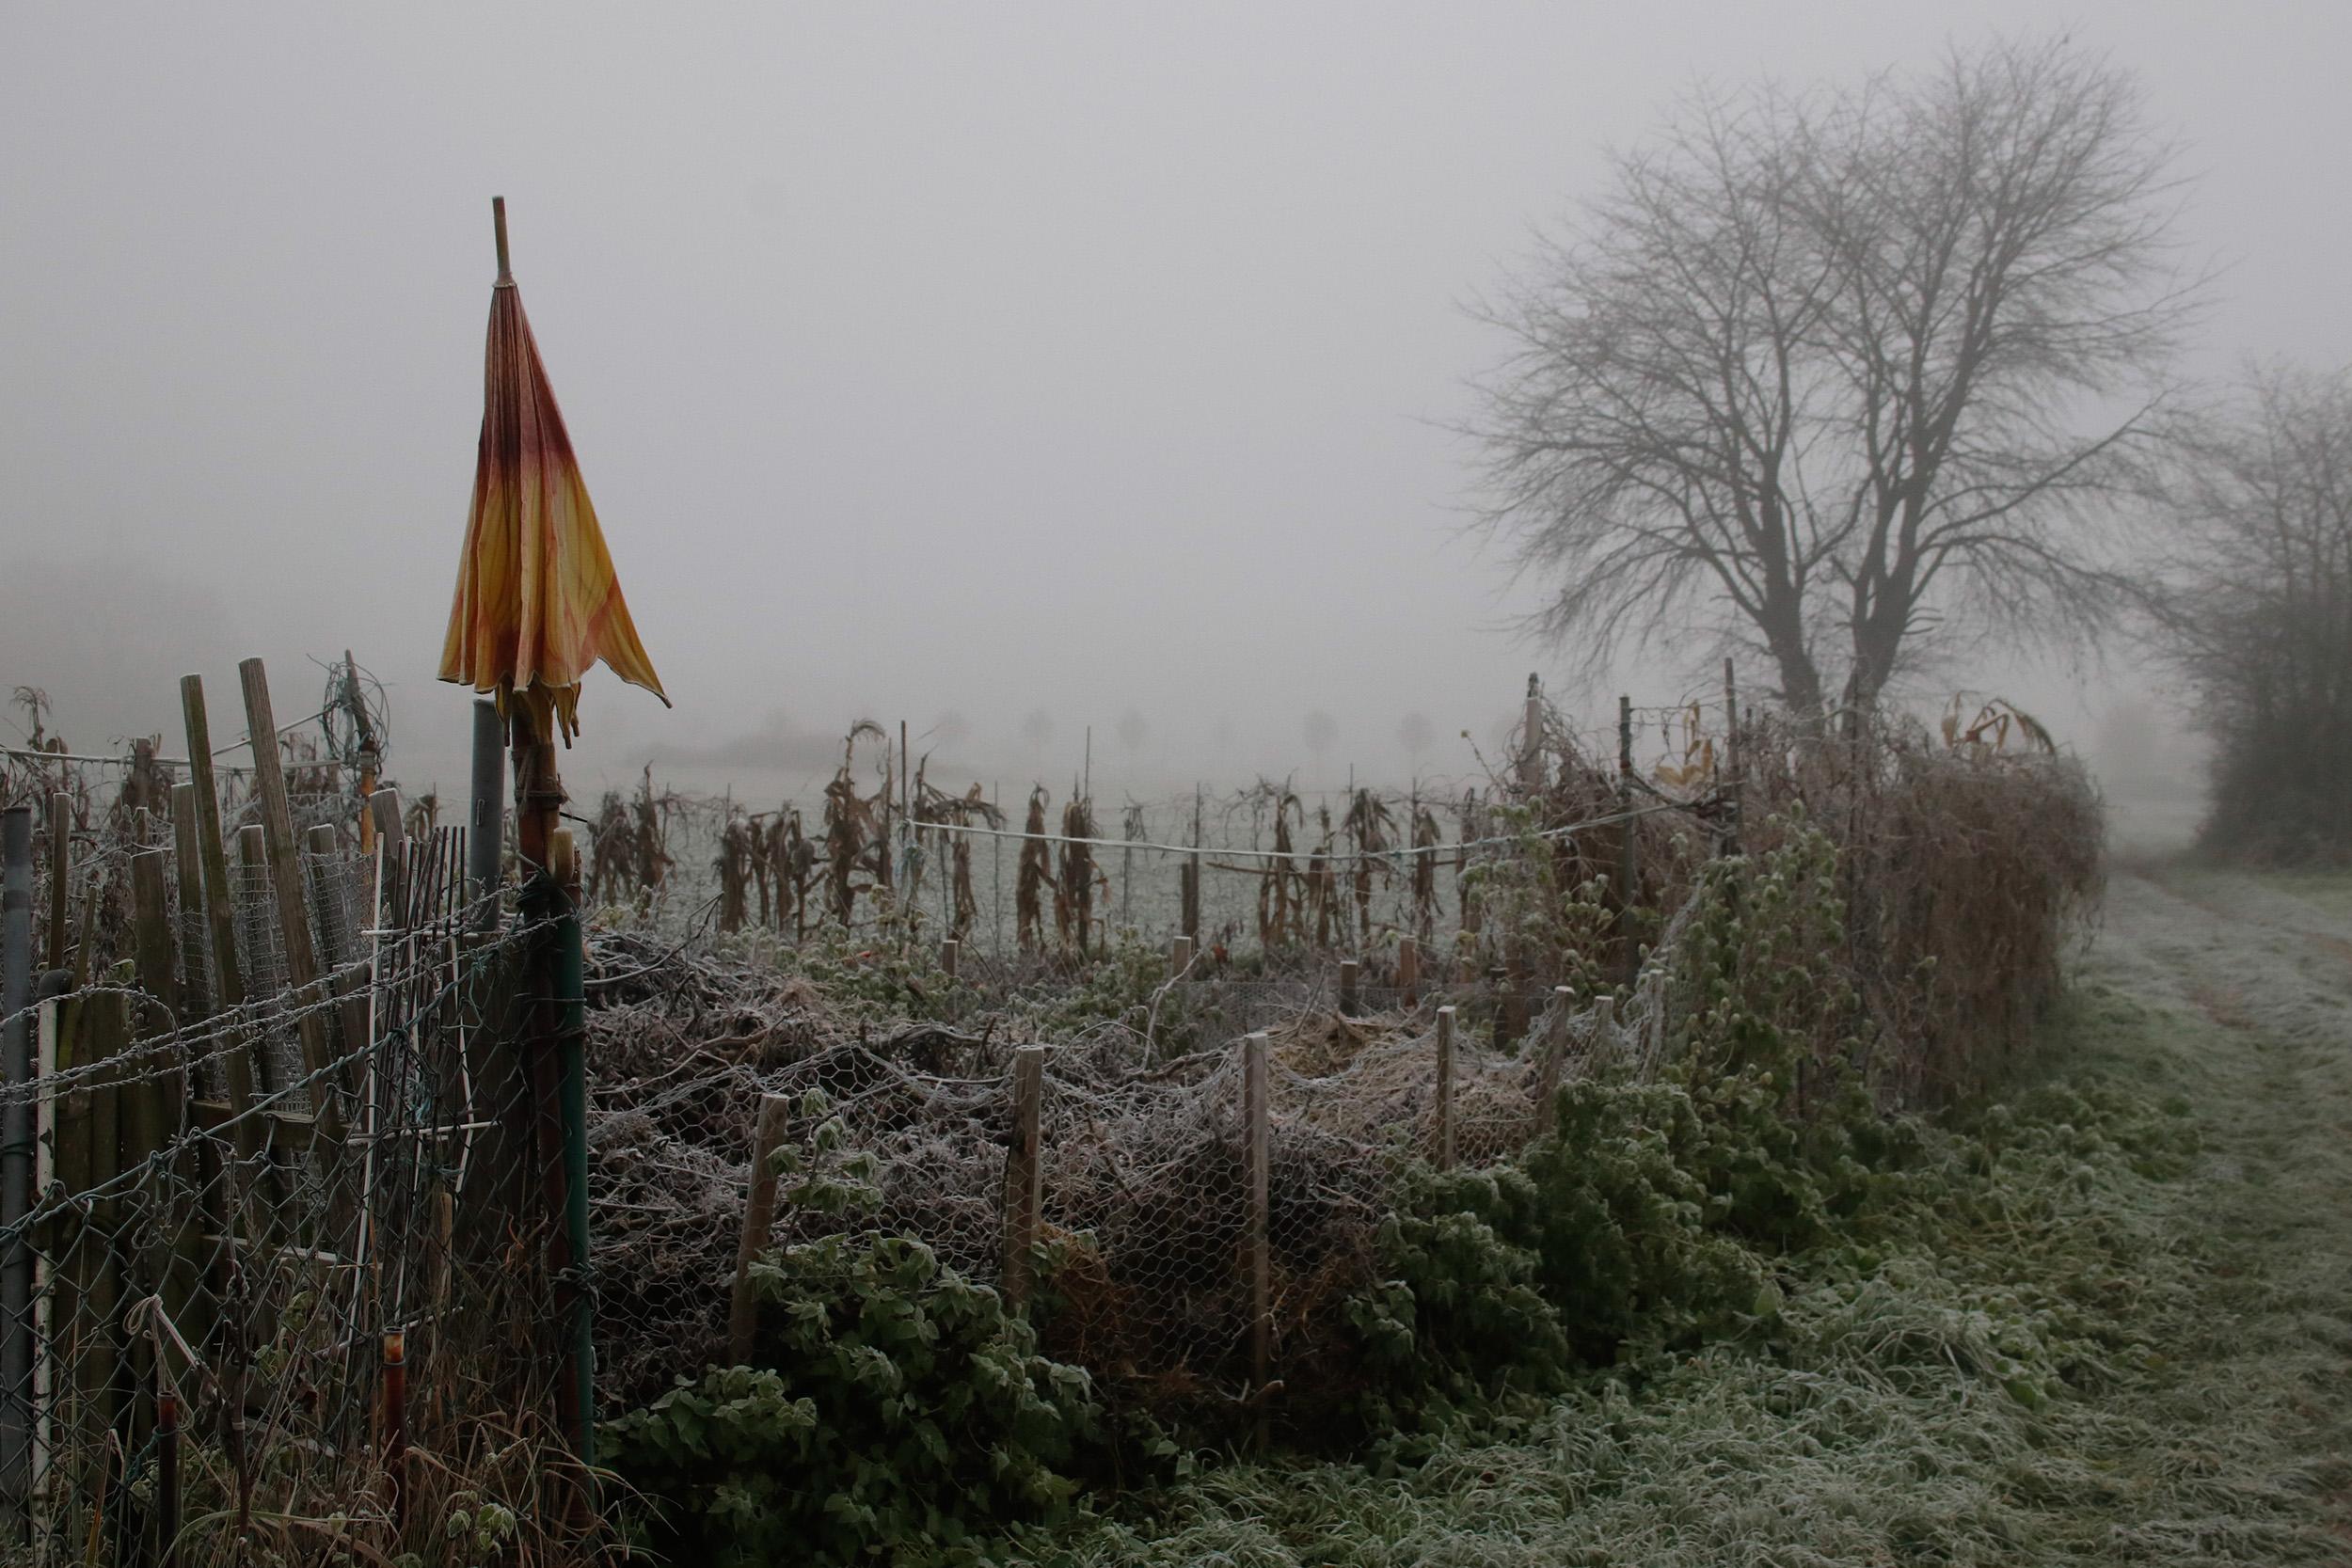 Garten im Nebel mit Schirm